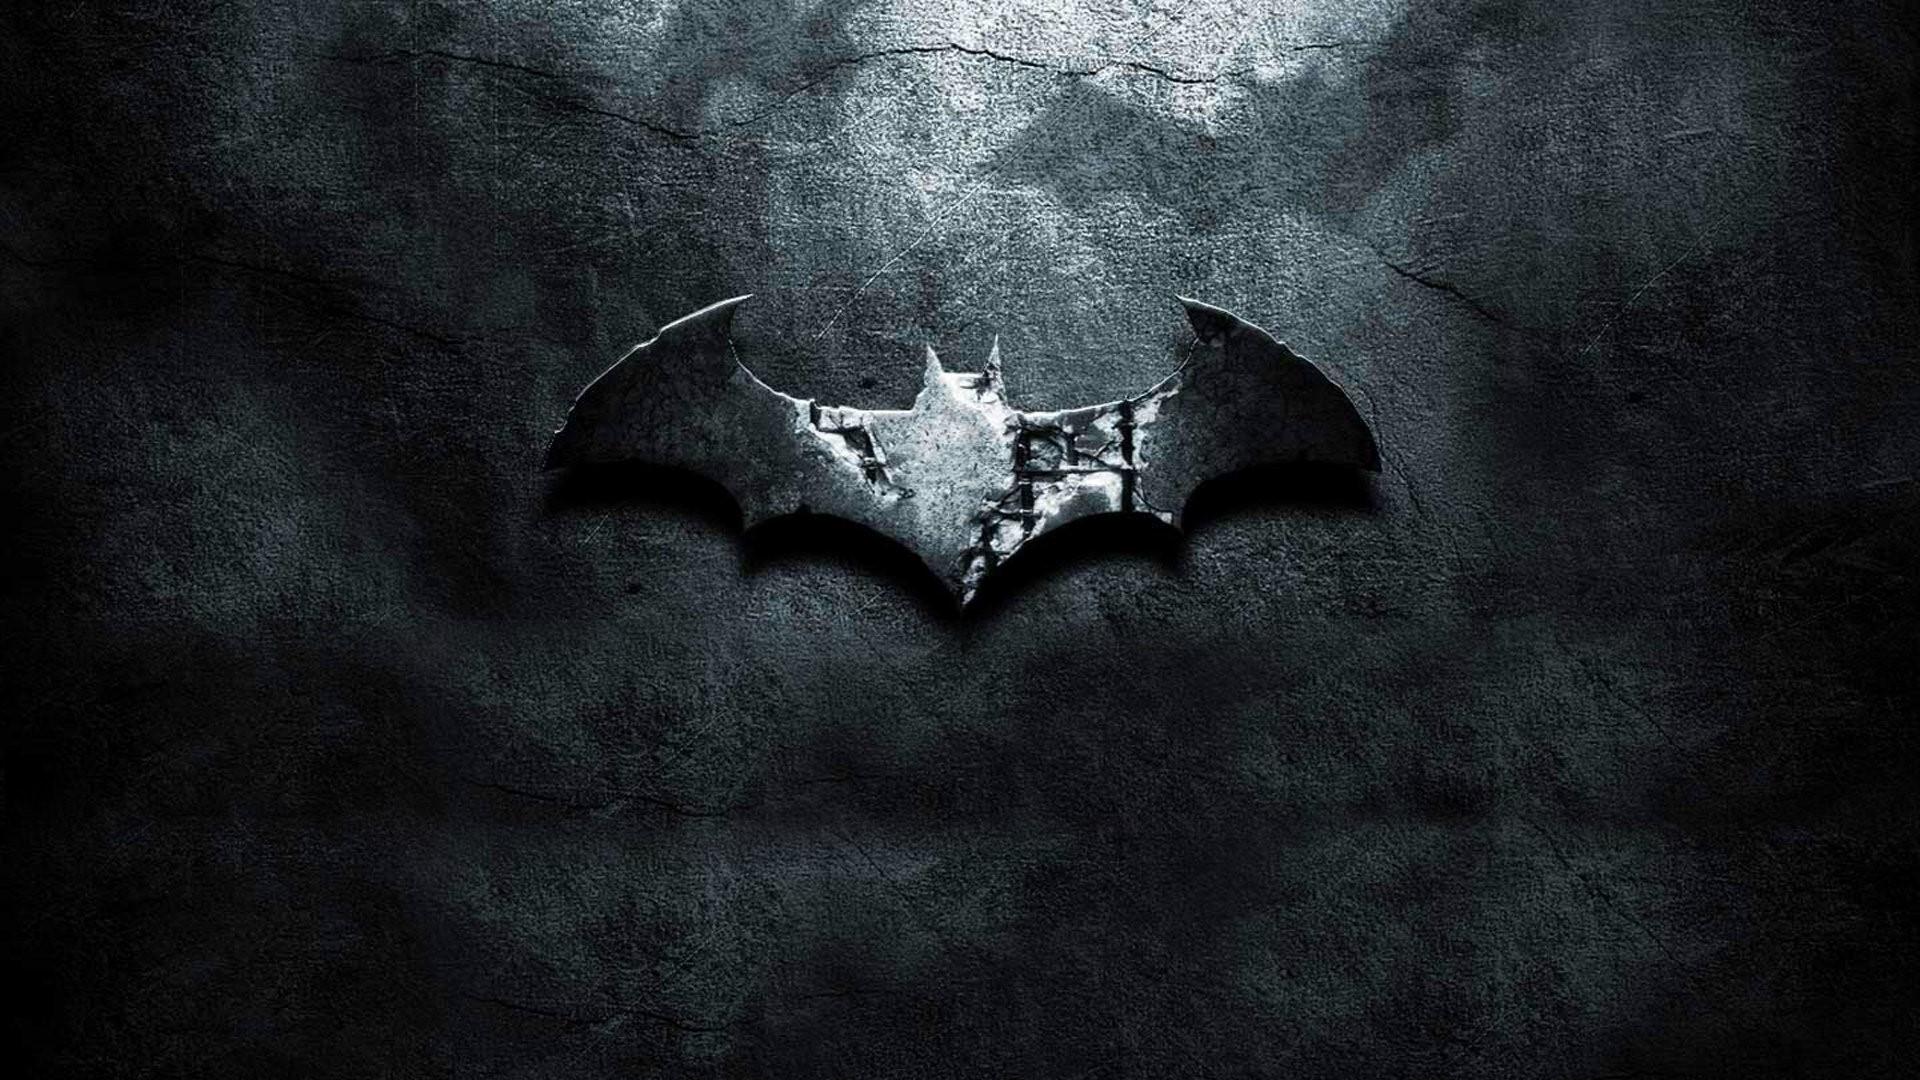 Batman Background image